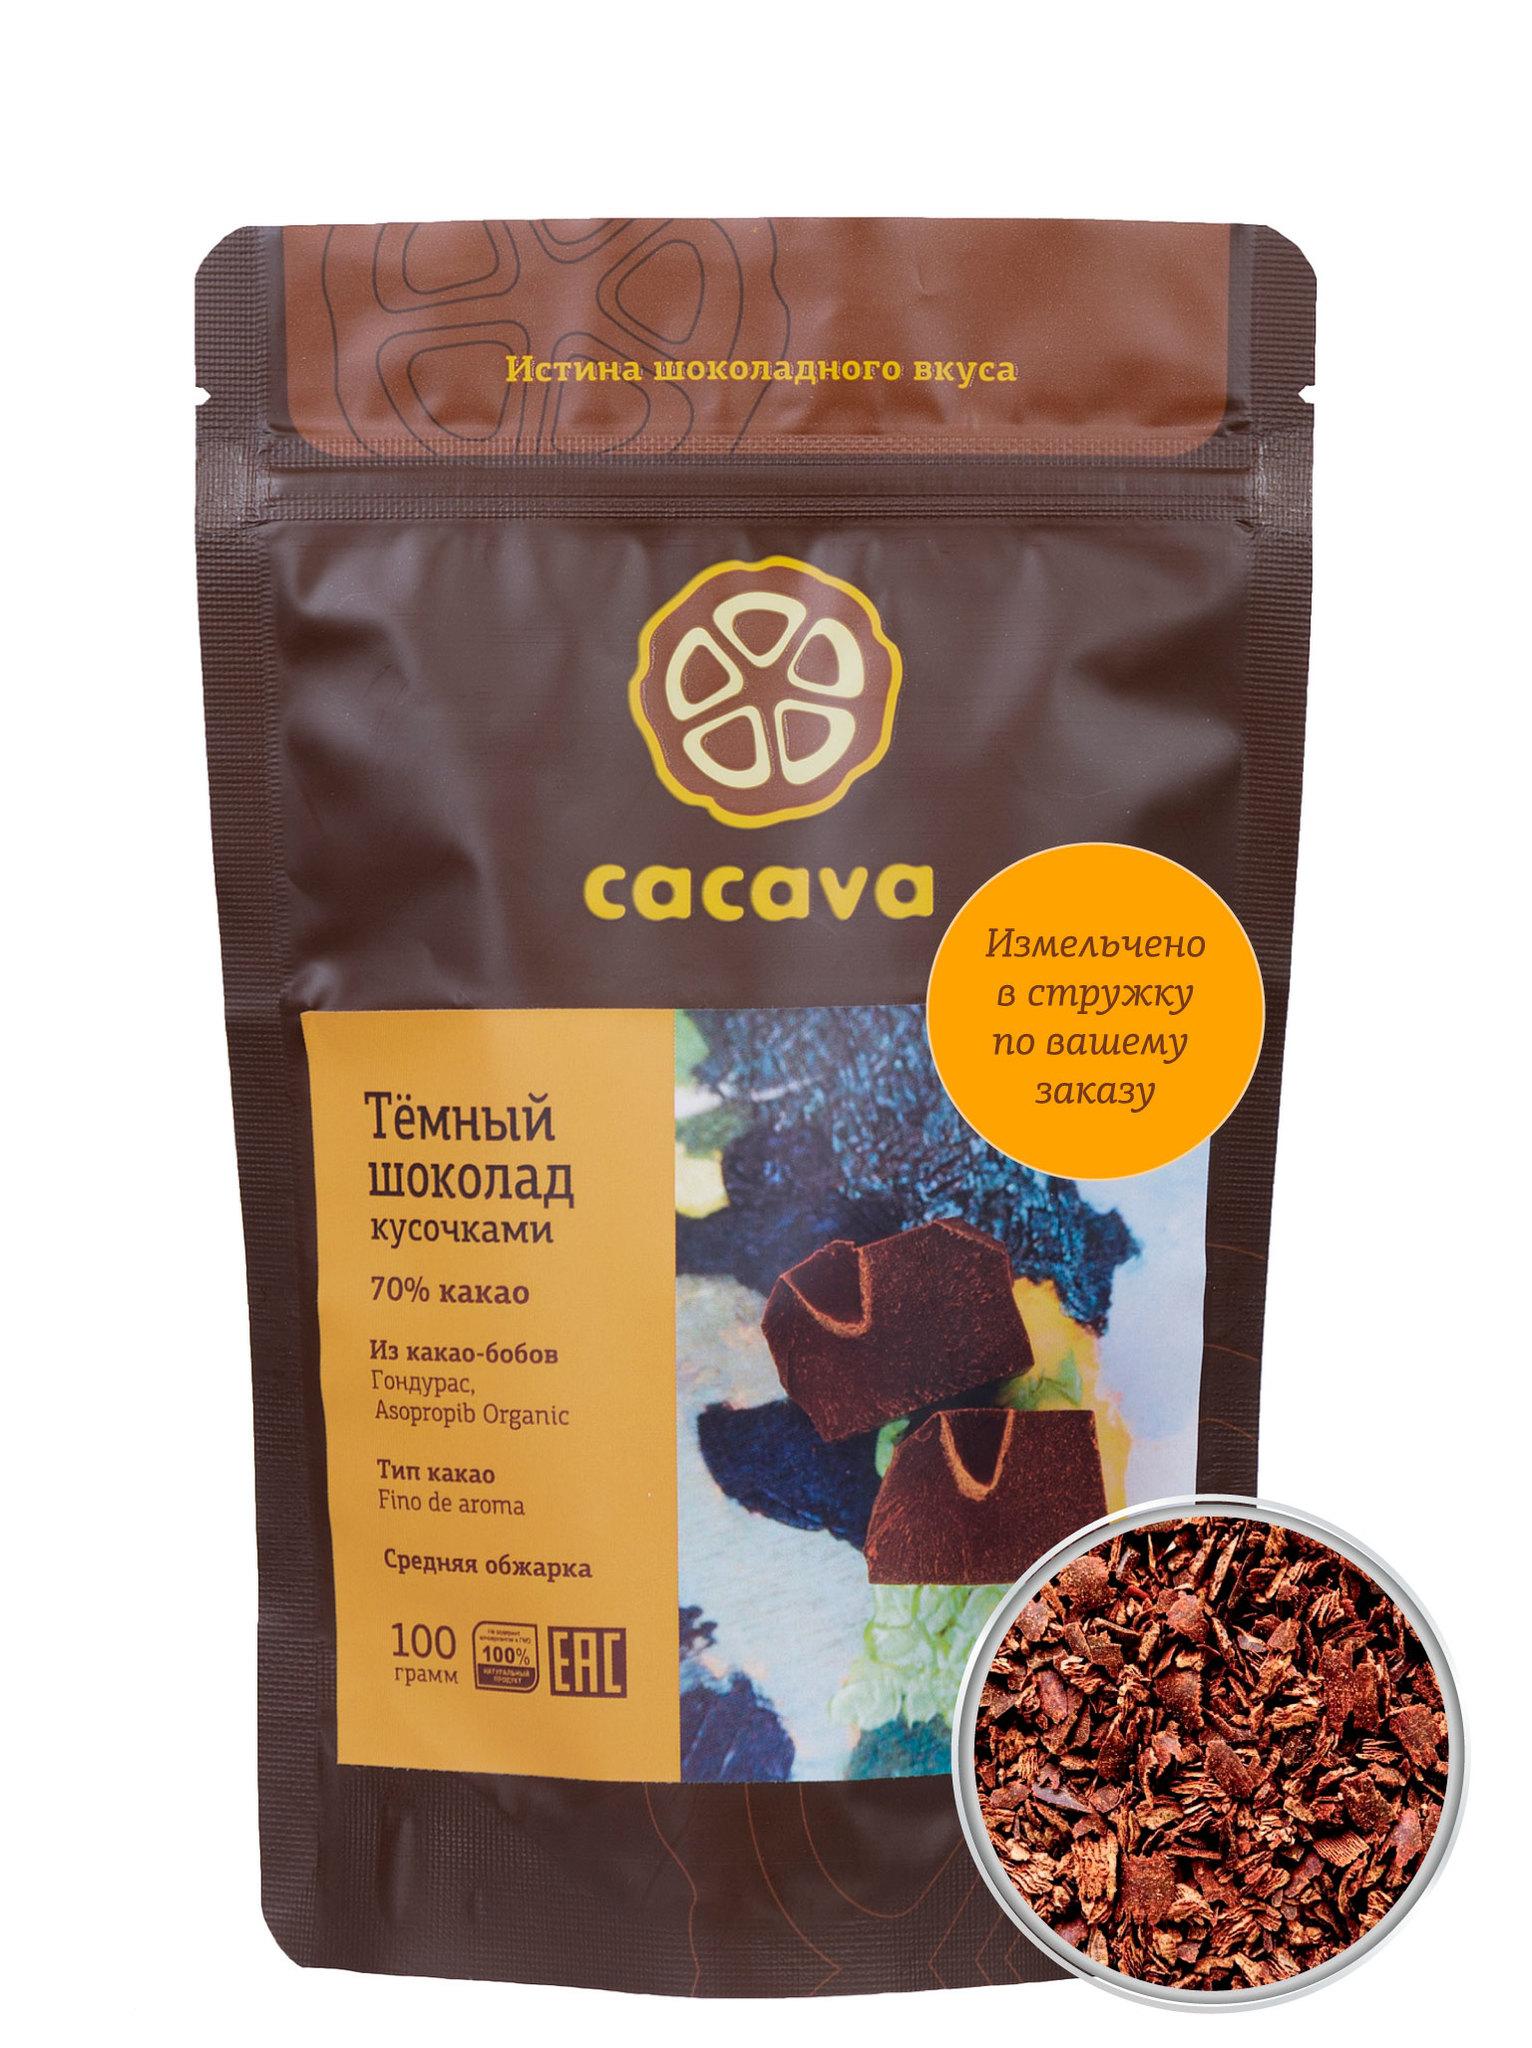 Тёмный шоколад 70 % какао в стружке (Гондурас, Asopropib), упаковка 100 грамм